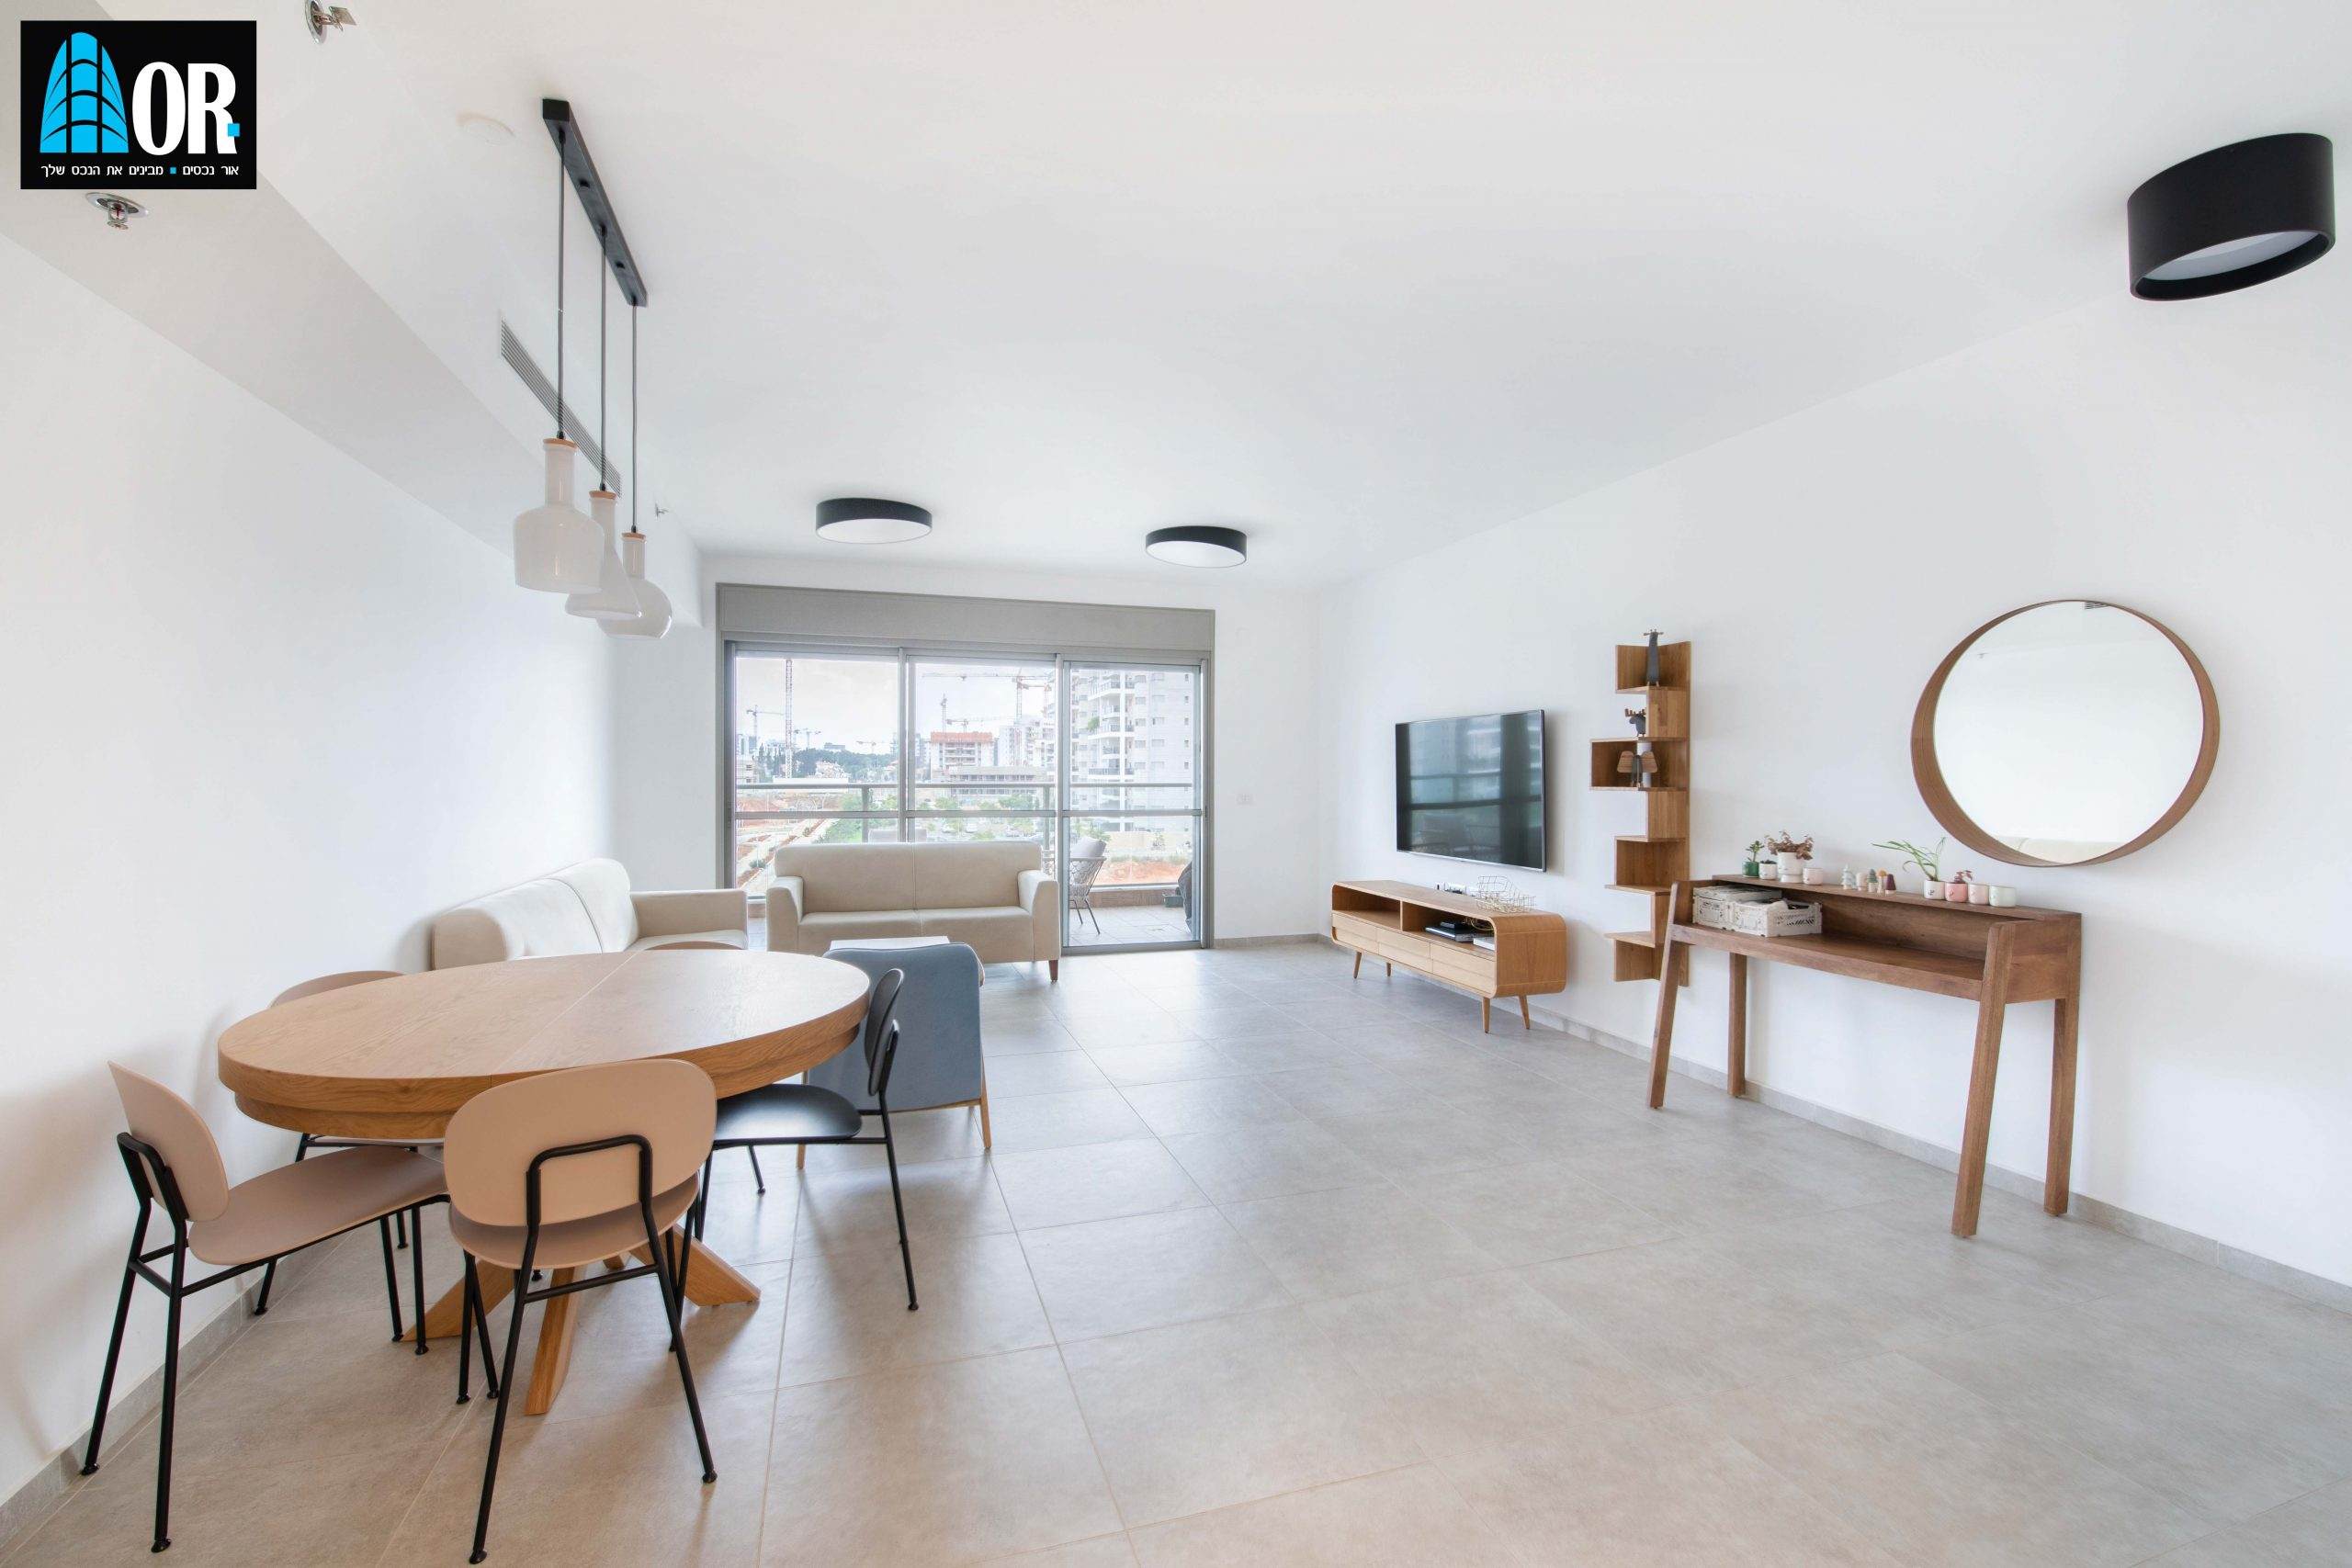 סלון+ פינת אוכל 4 חדרים, שכונה צמרות